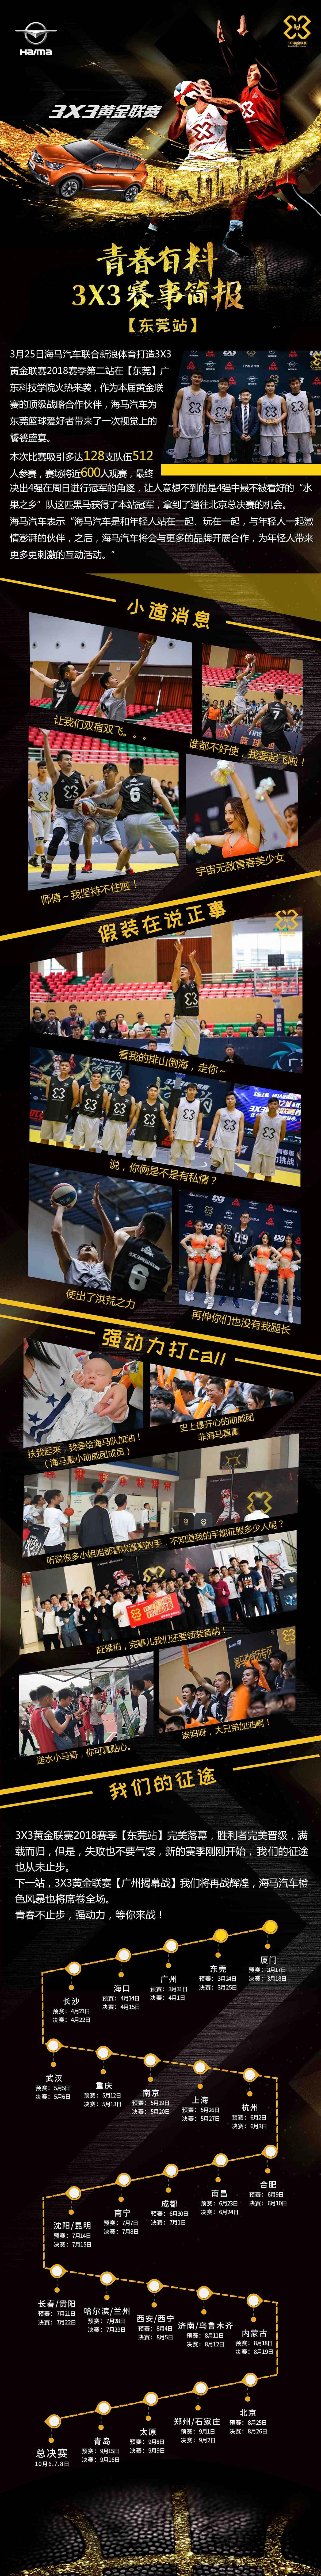 龙8娱乐城官网